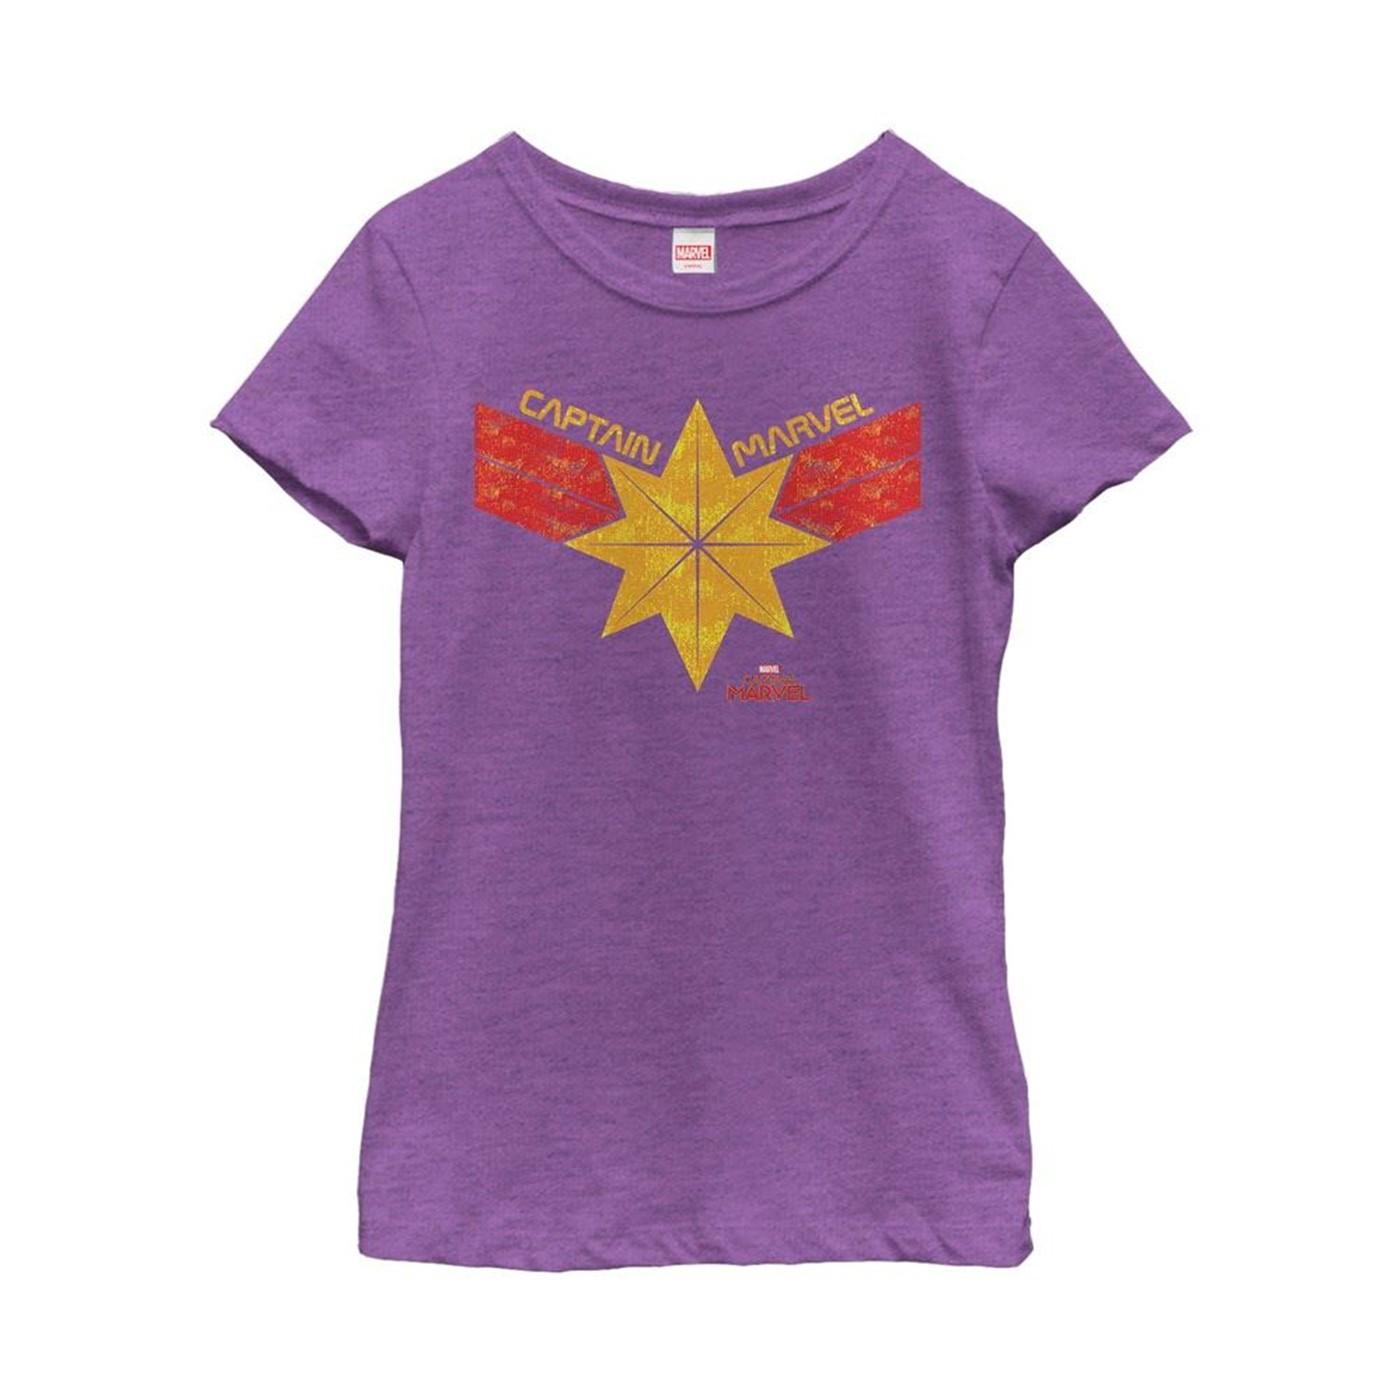 Captain Marvel Vintage Star Streak Costume Girl's T-Shirt